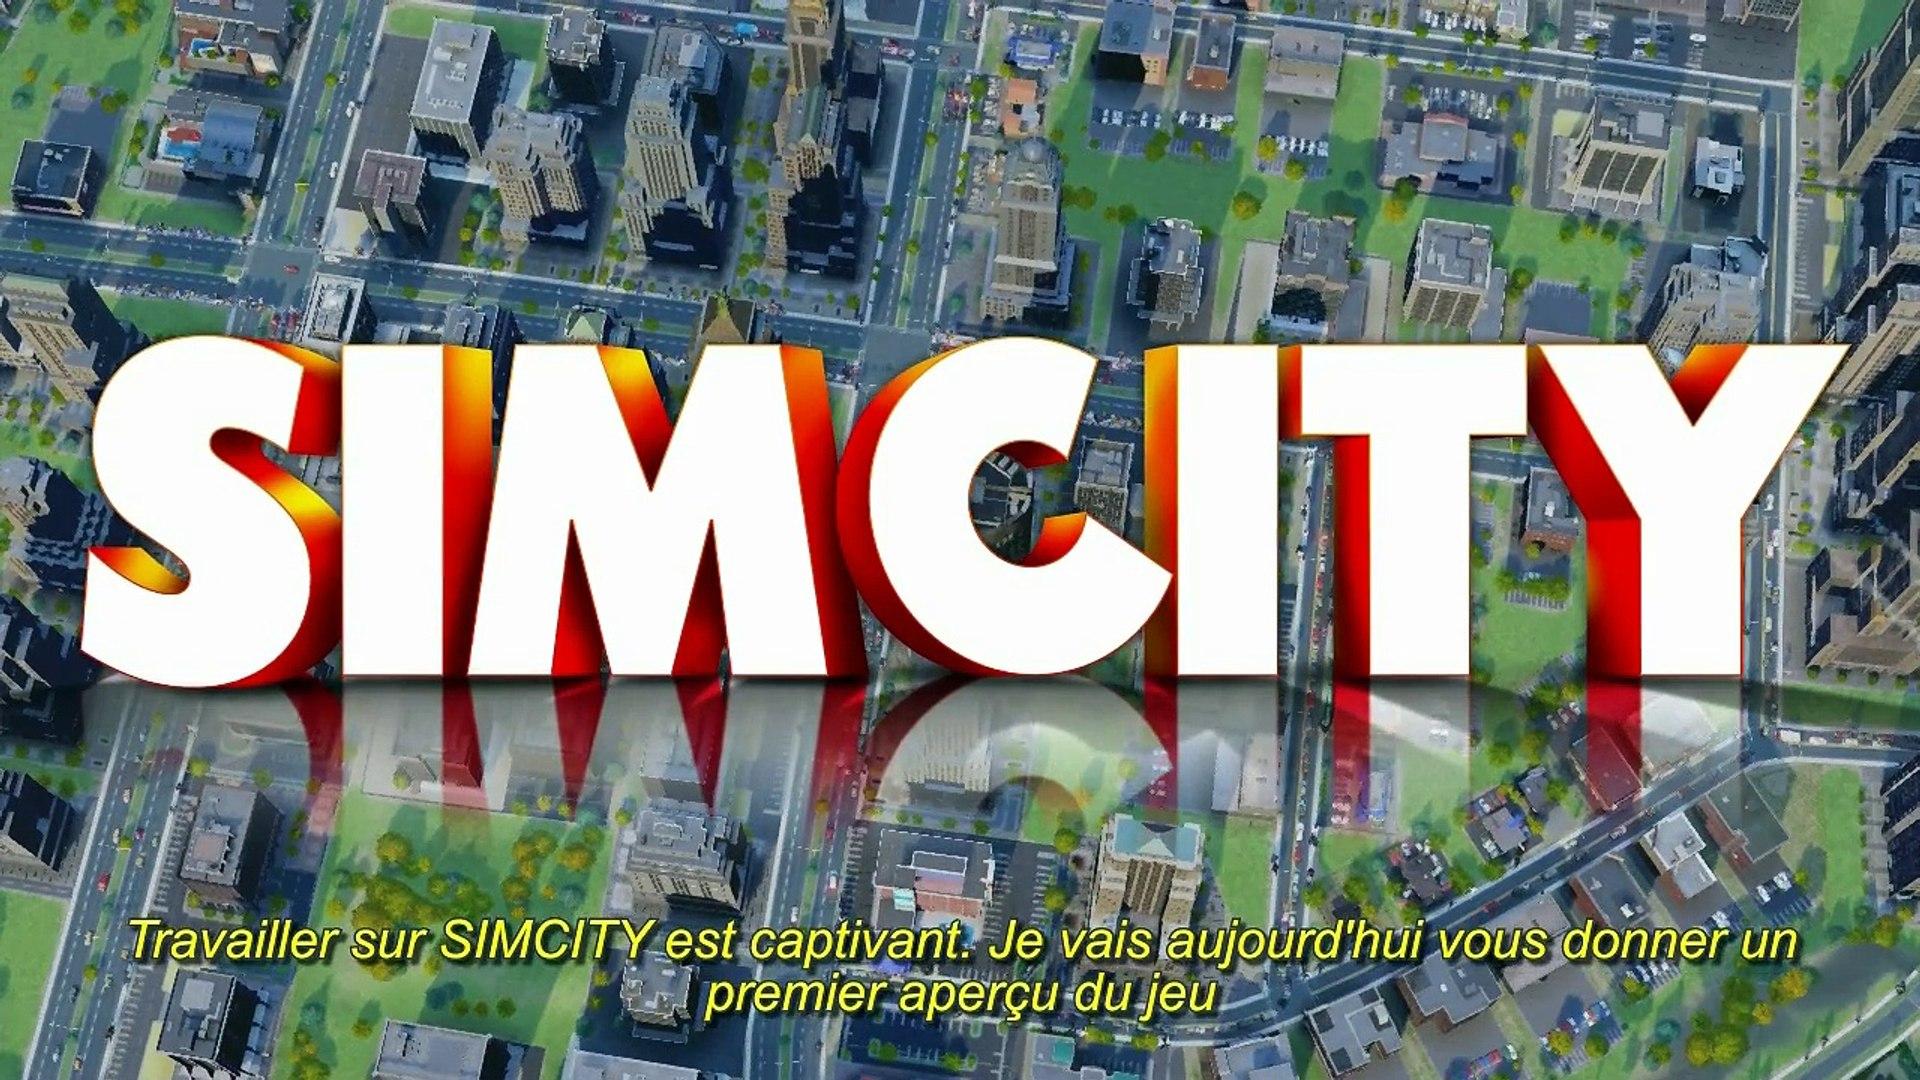 Extrait / Gameplay - SimCity 5 (Le Créateur et le Gameplay)